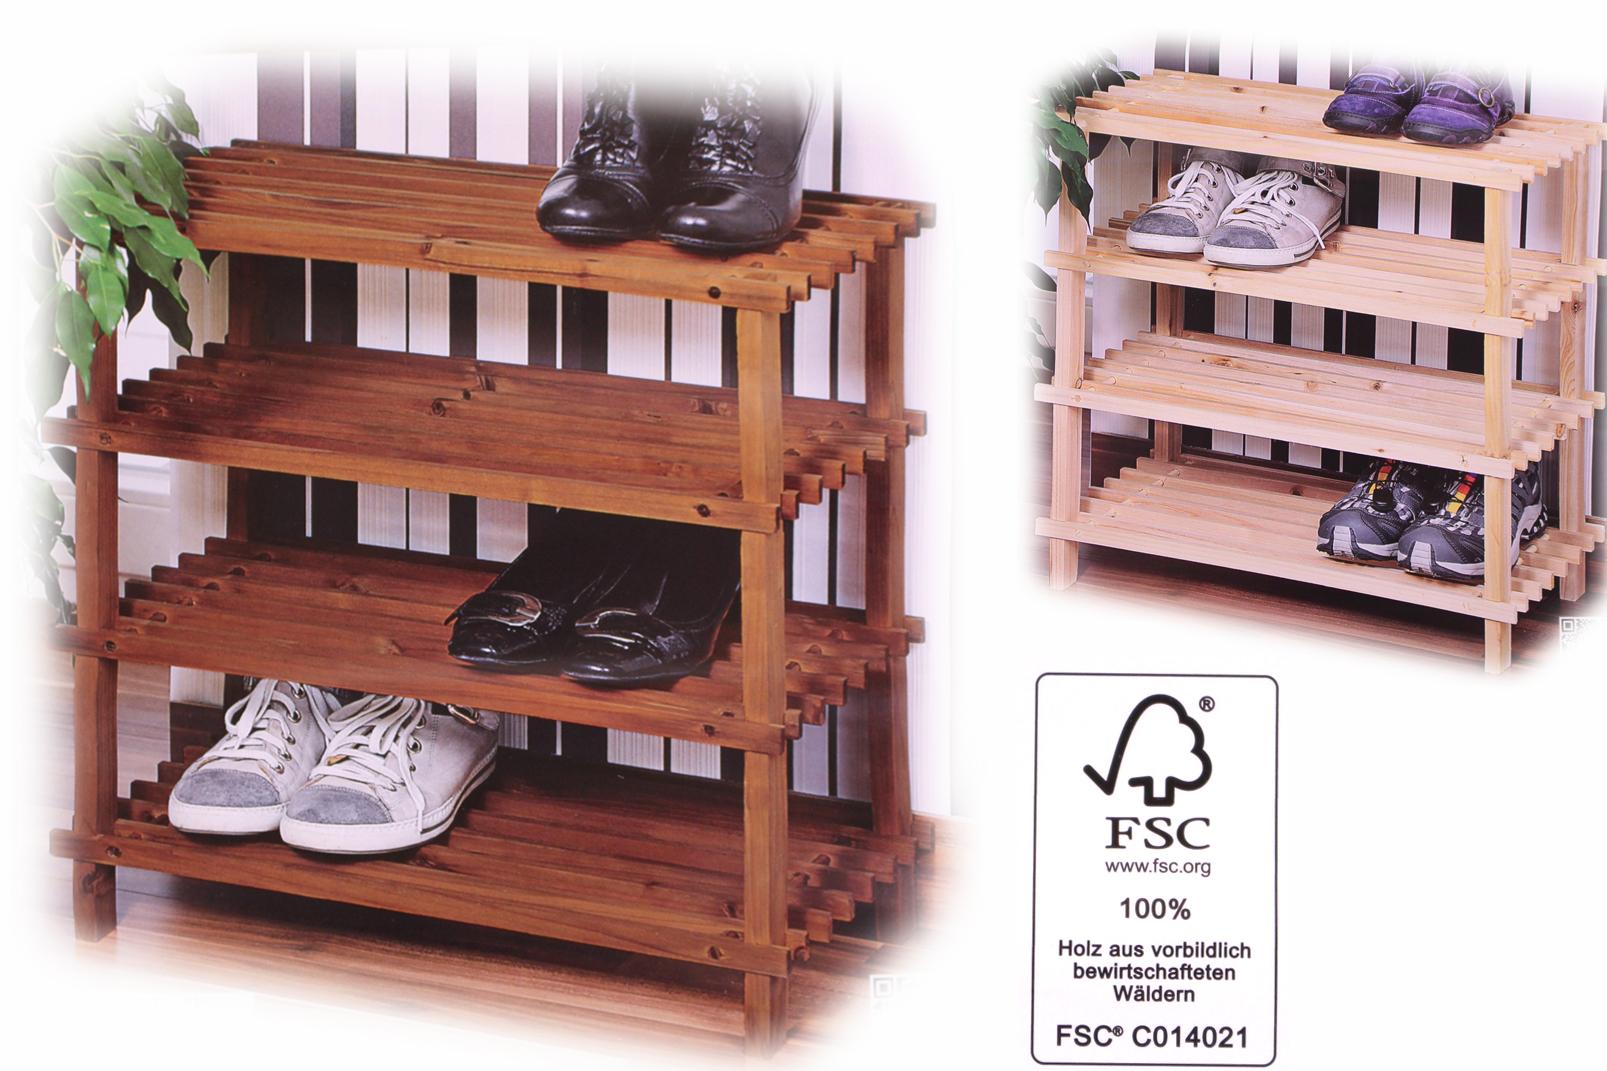 kesper fsc natur holz schuhregal schuhschrank vierst ckig. Black Bedroom Furniture Sets. Home Design Ideas